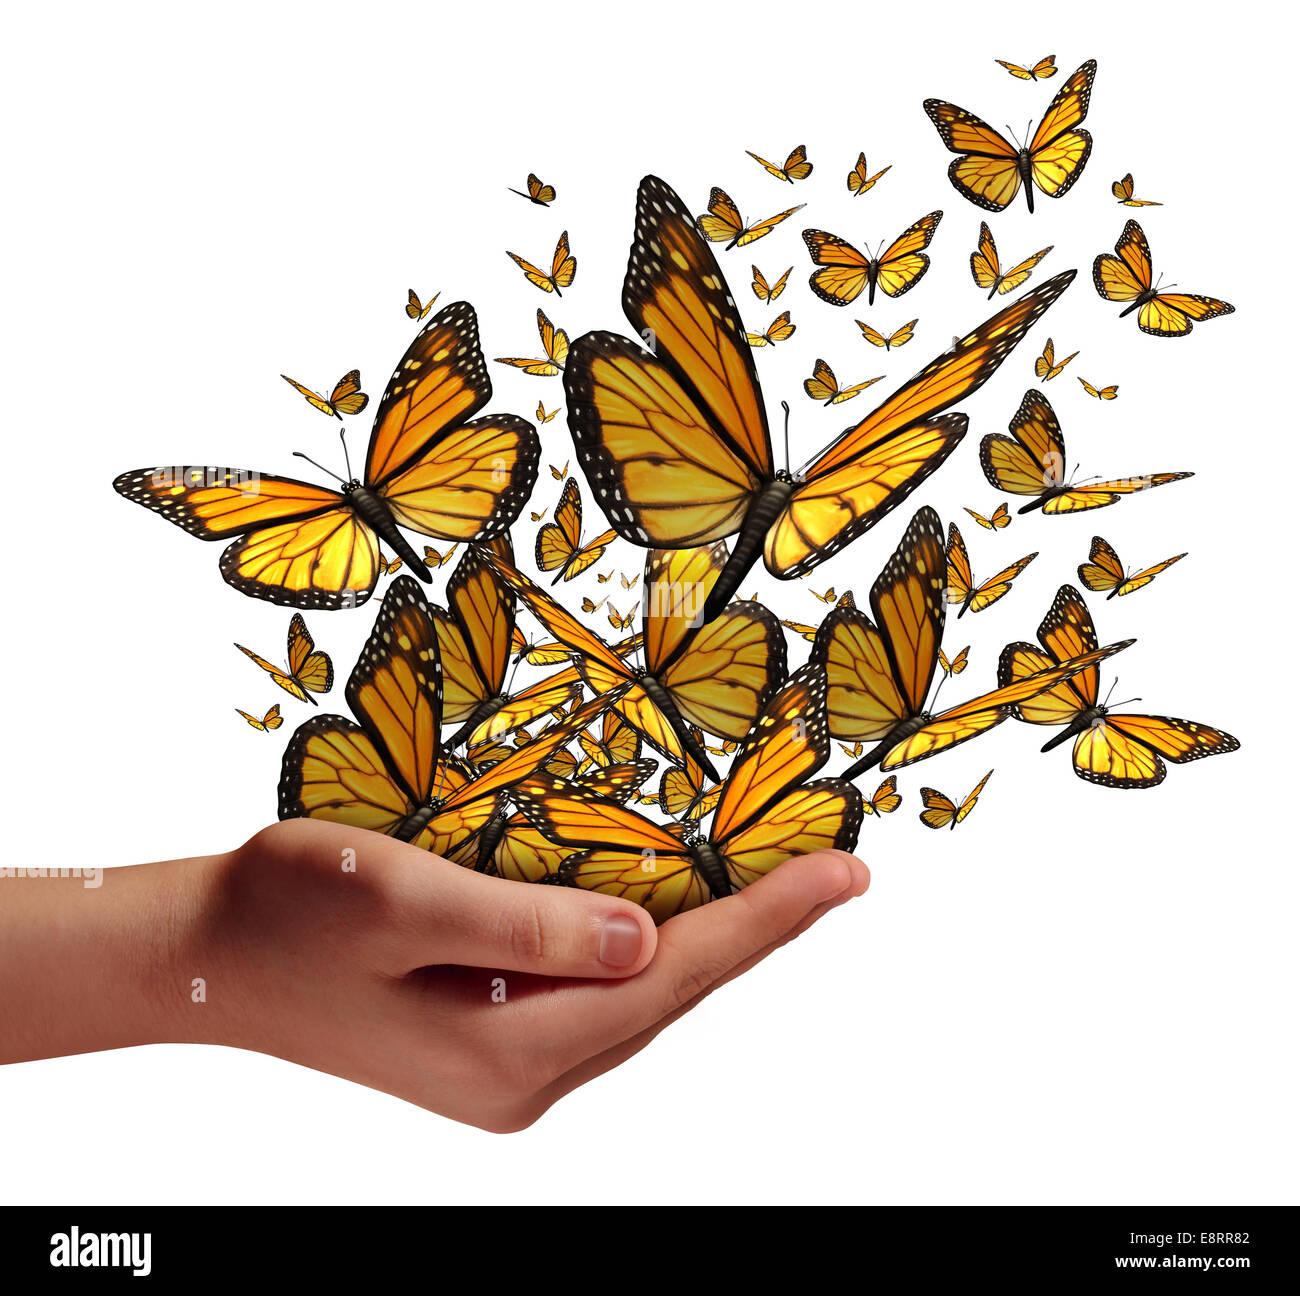 La esperanza y la libertad concepto como una mano humana liberando a un grupo de mariposas como símbolo de Imagen De Stock